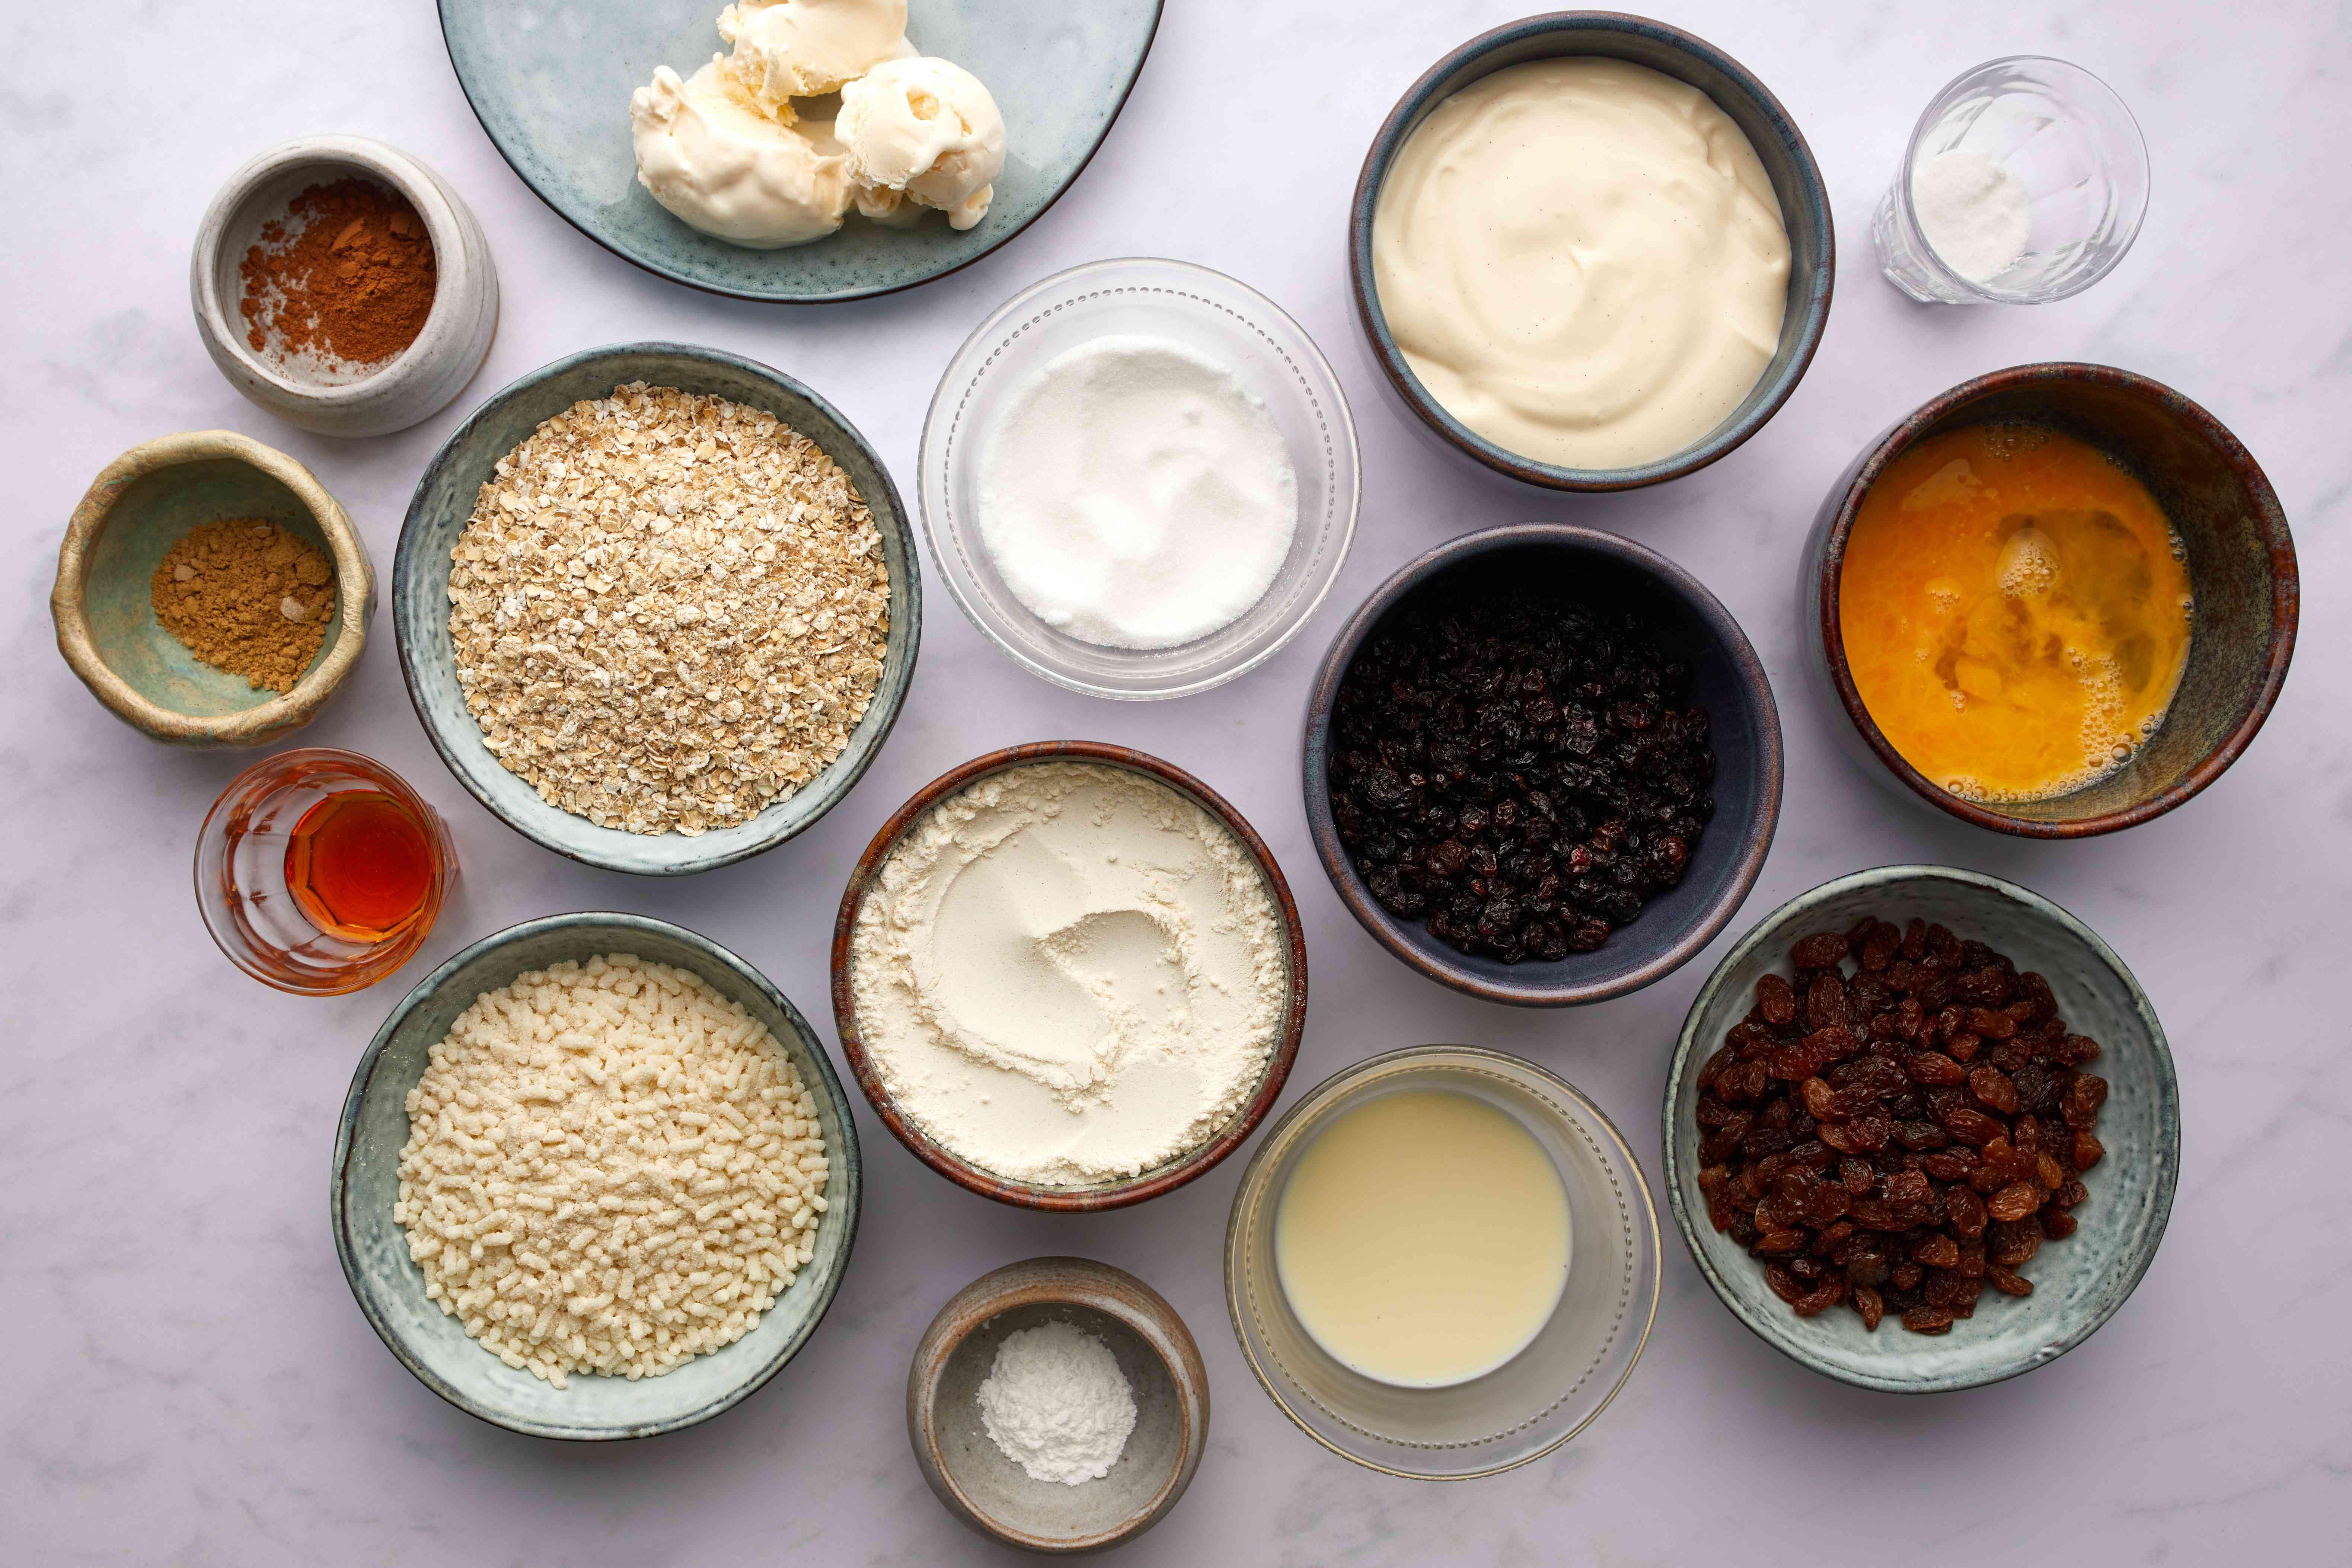 Traditional Scottish Clootie Dumpling ingredients